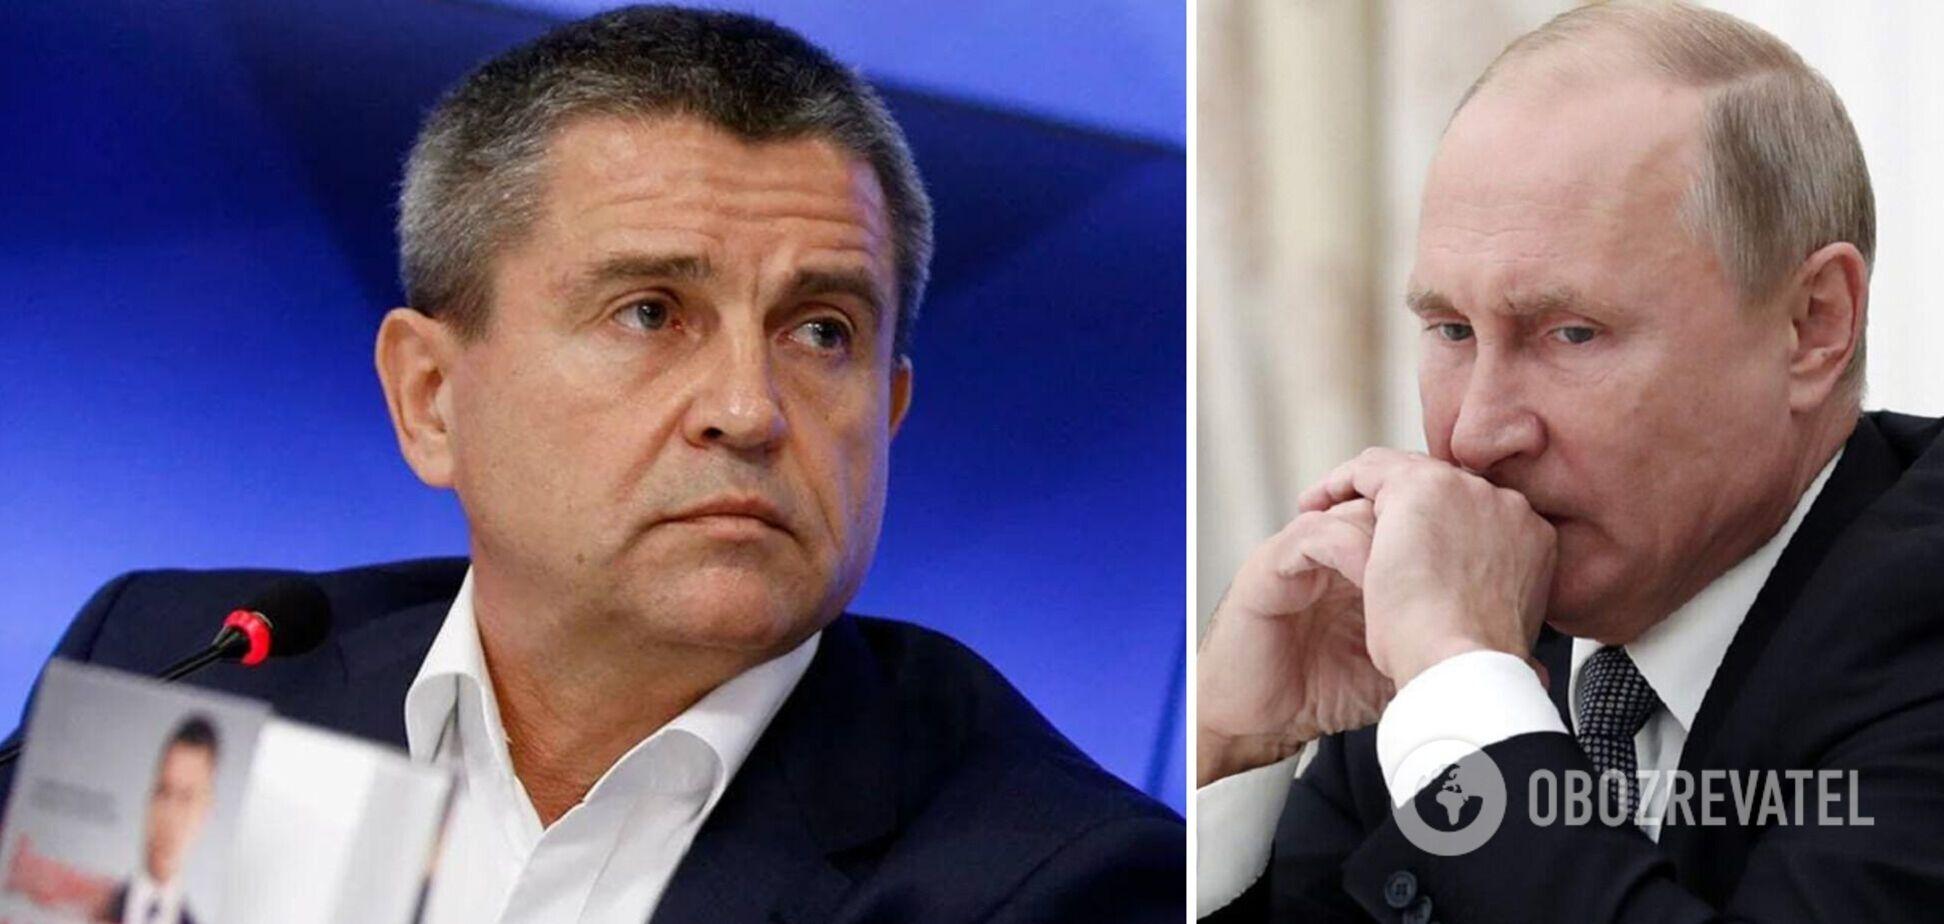 В России умер экс-спикер Следкома РФ Маркин: был одним из самых известных представителей режима Путина. Фото